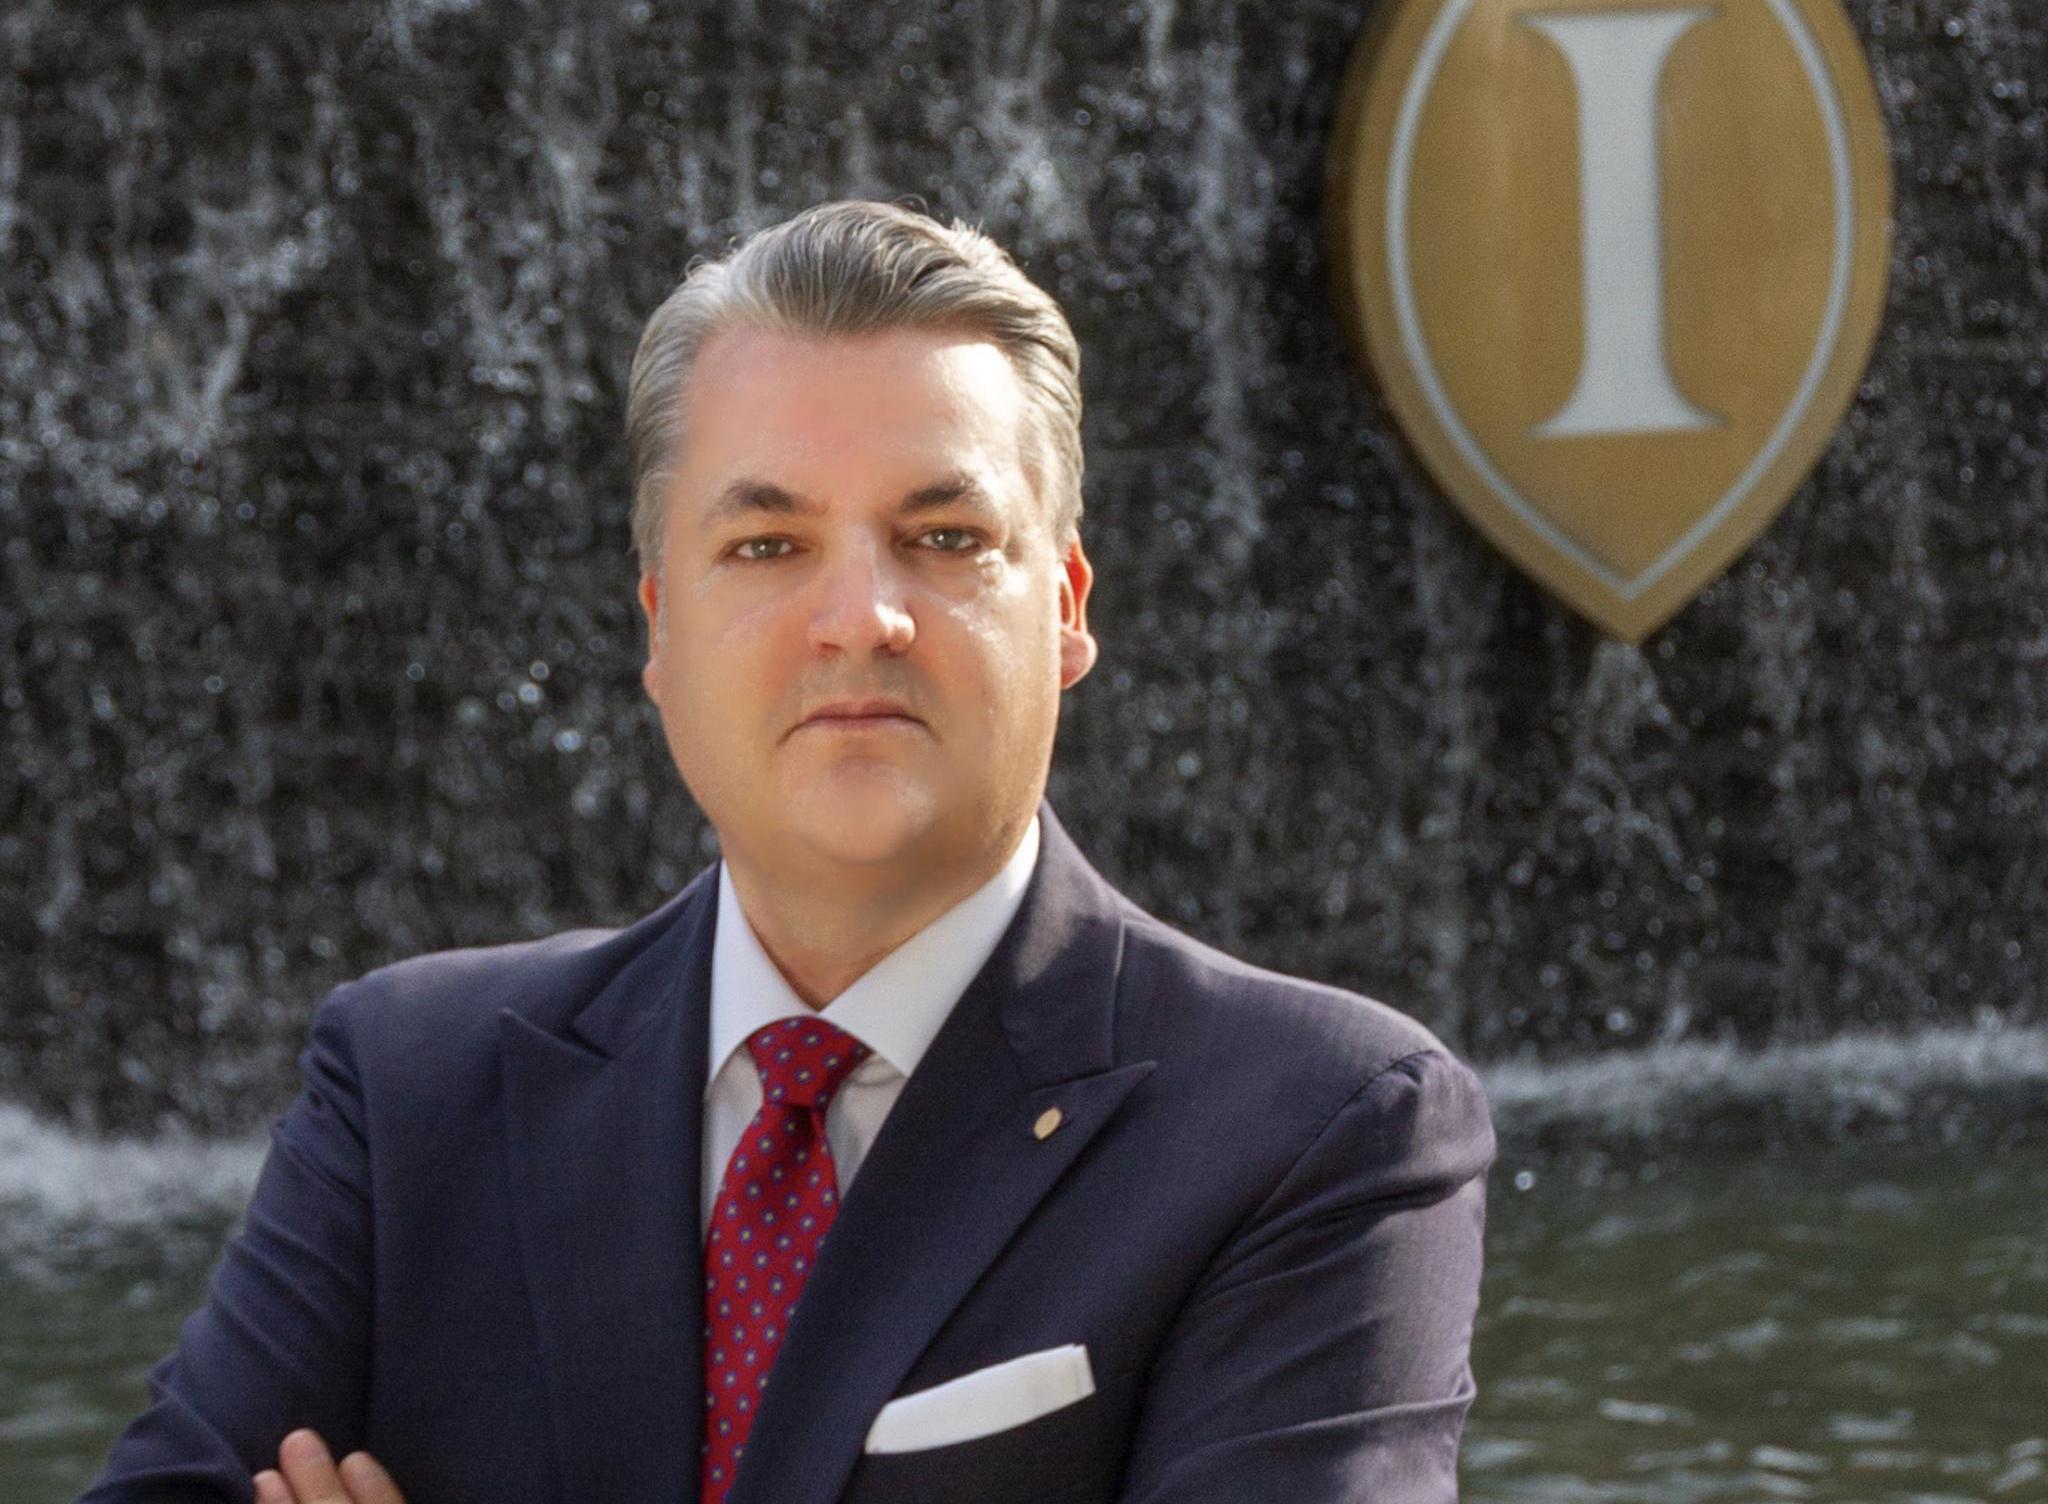 国家会展中心上海洲际酒店任命贺纪斯先生为酒店总经理